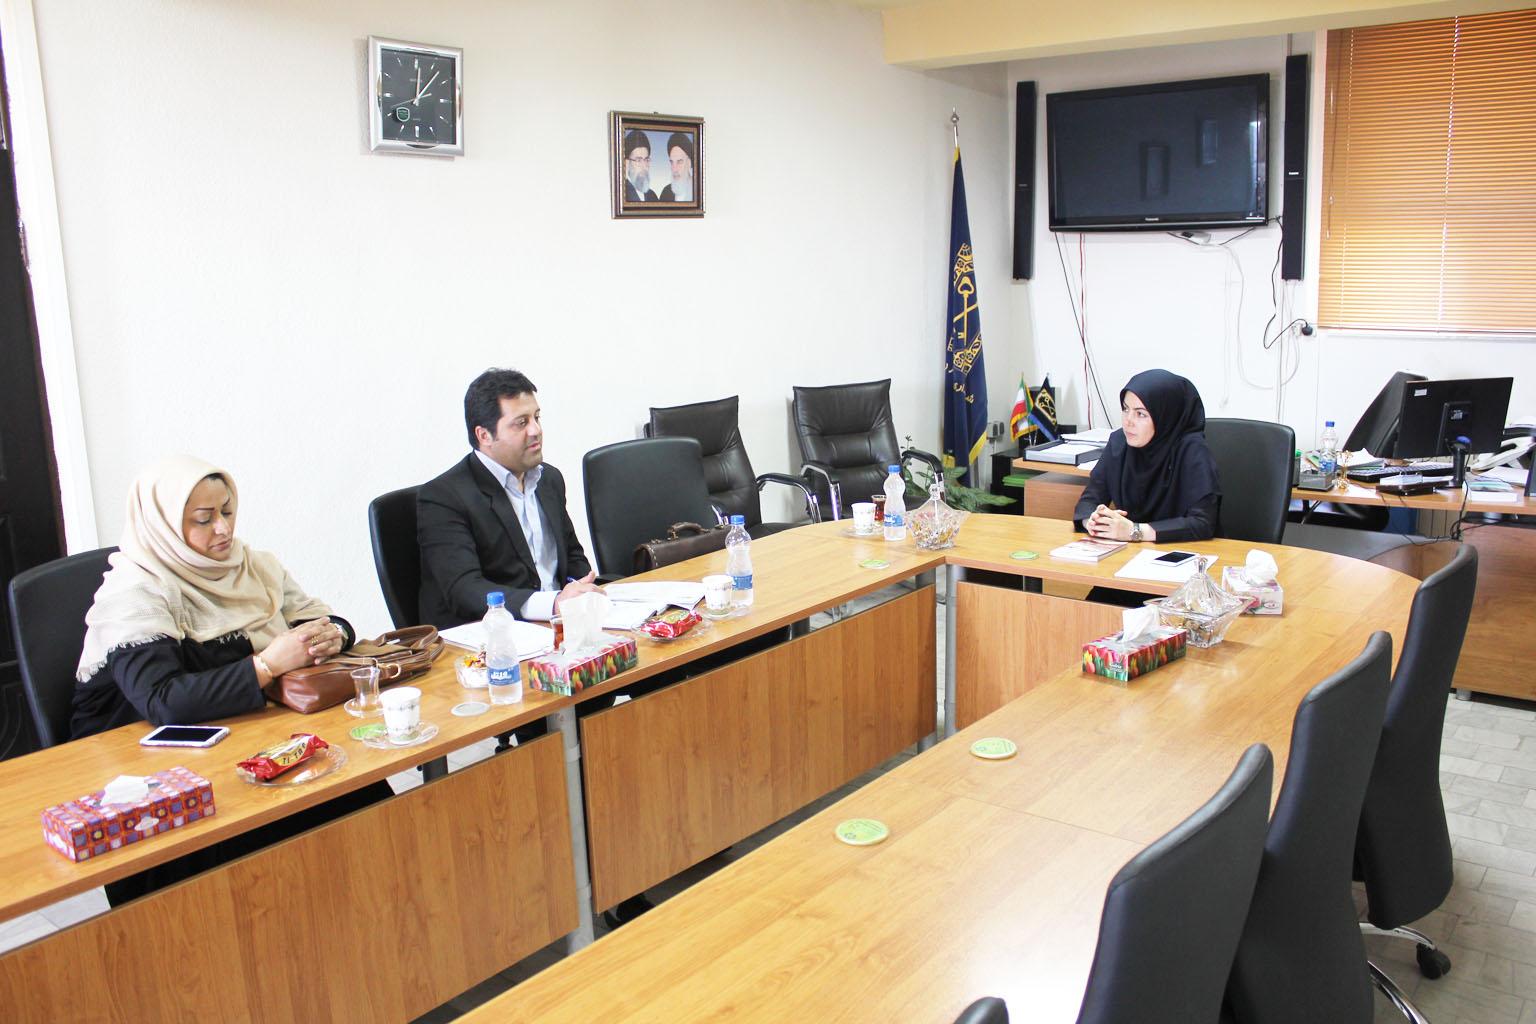 بازدید مدیران شهرداری دامغان  از شهر رشت و بحث و تبادل نظر با محوریت موضوعات درآمدی